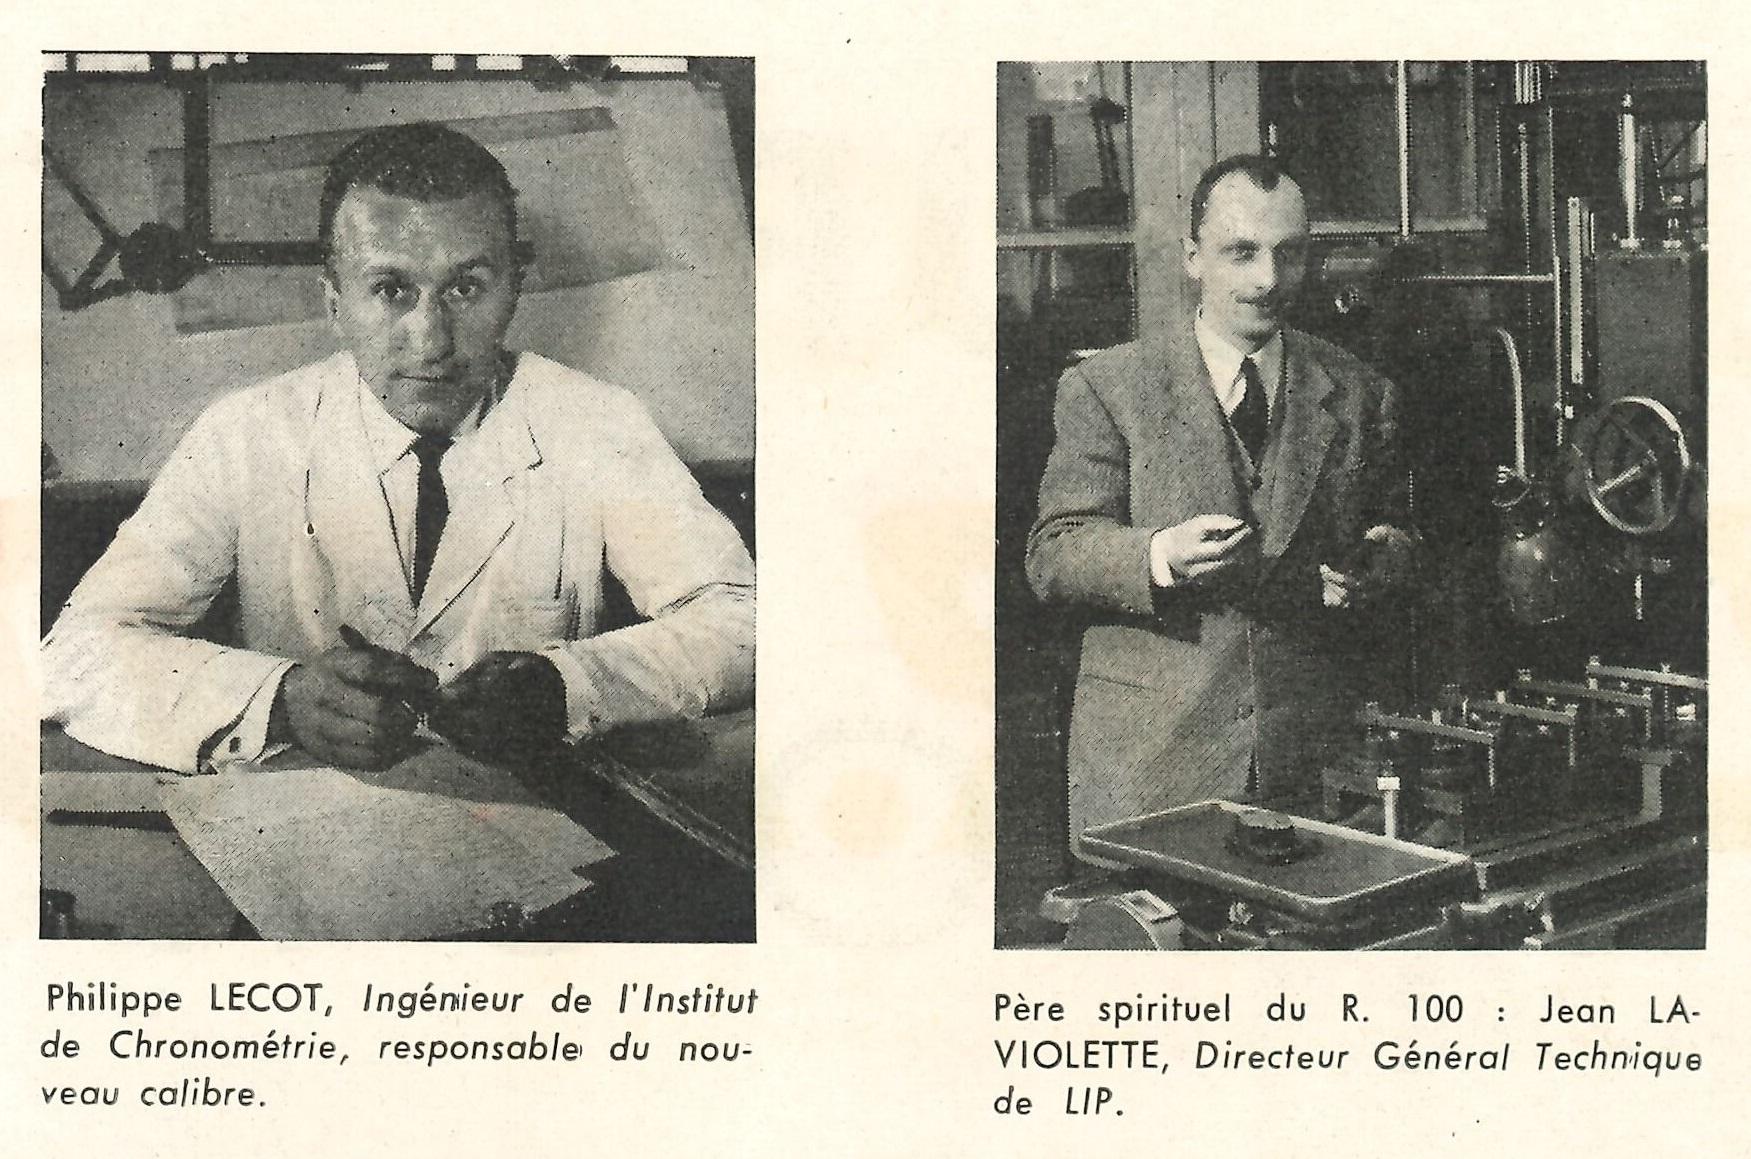 Bulletin Lip N° 25 Juillet 1958 Jean Georges LAVIOLETTE Philippe LECOT technique ingénieur chronométrie